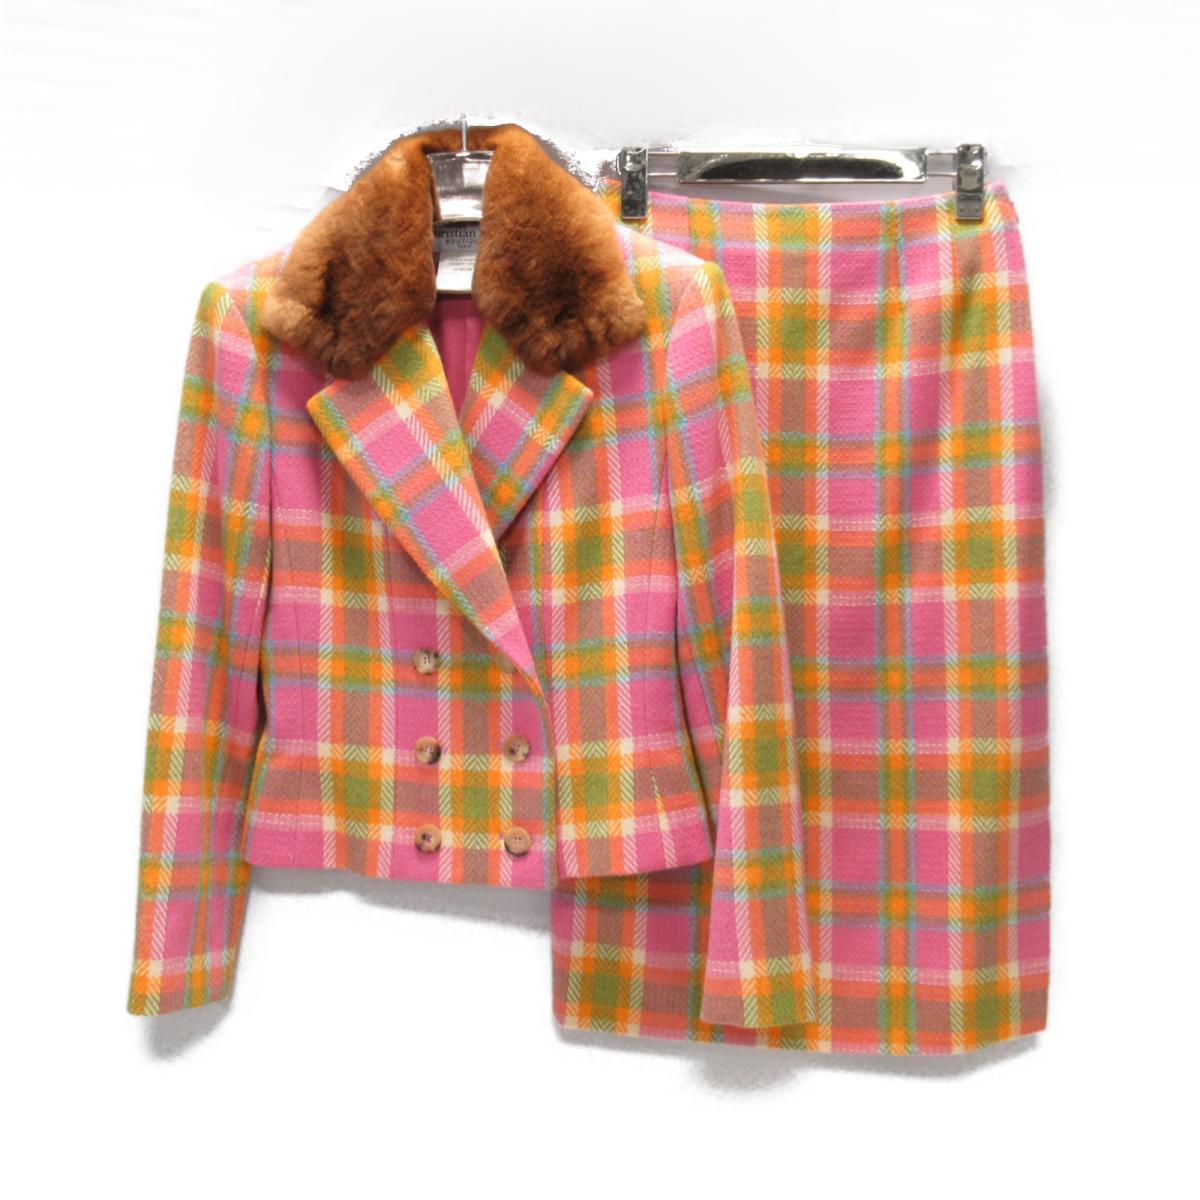 【中古】 クリスチャン・ディオール セットアップ レディース ウール マルチカラー   Dior BRANDOFF ブランドオフ 衣料品 衣類 ブランド